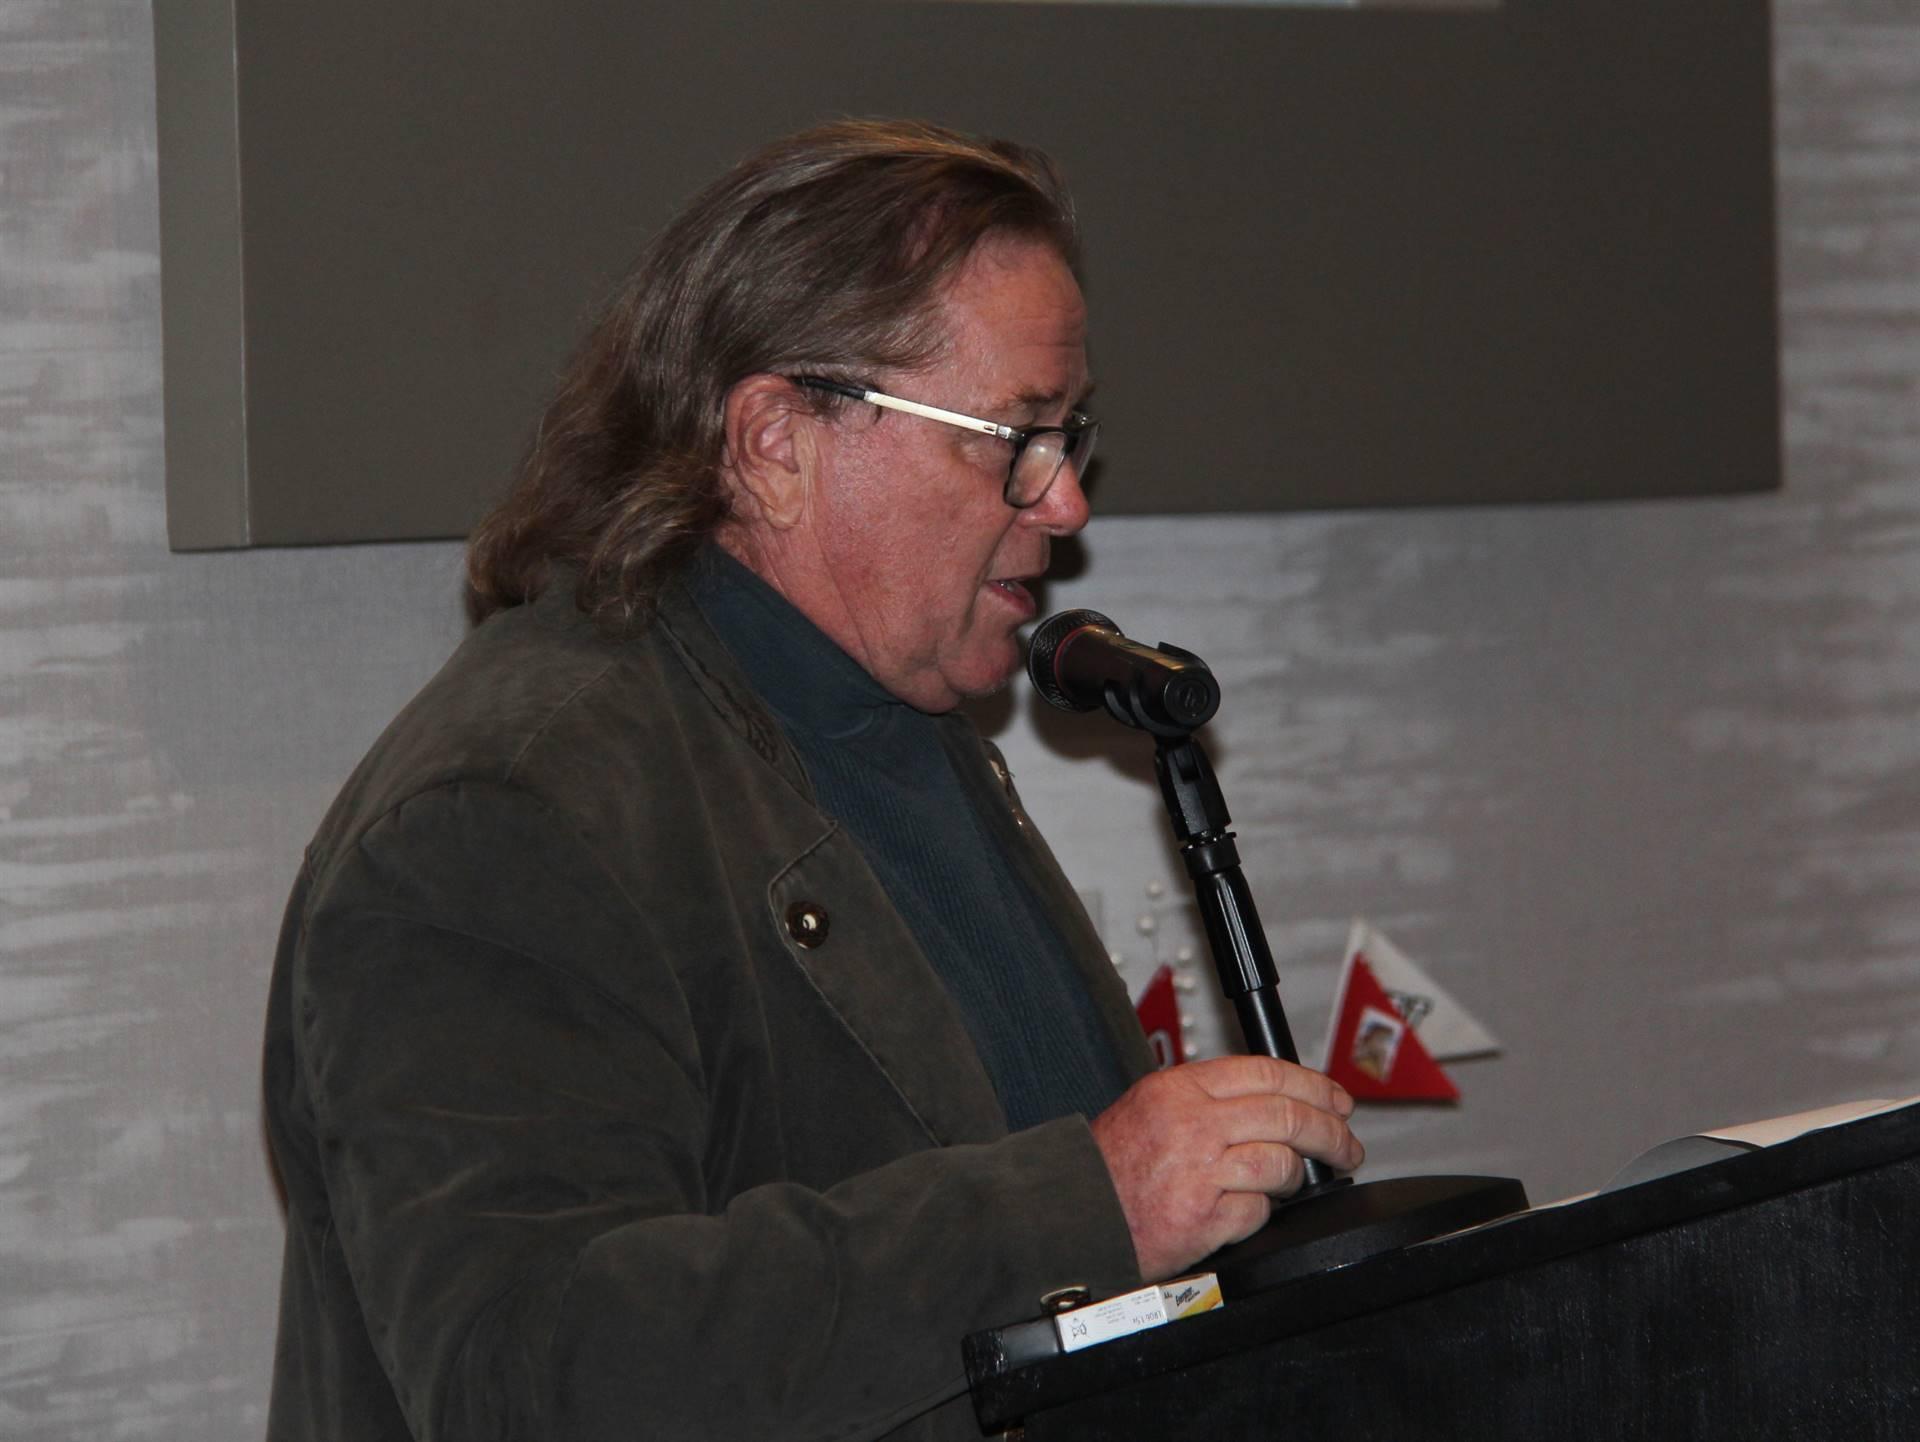 gary butch giving speech